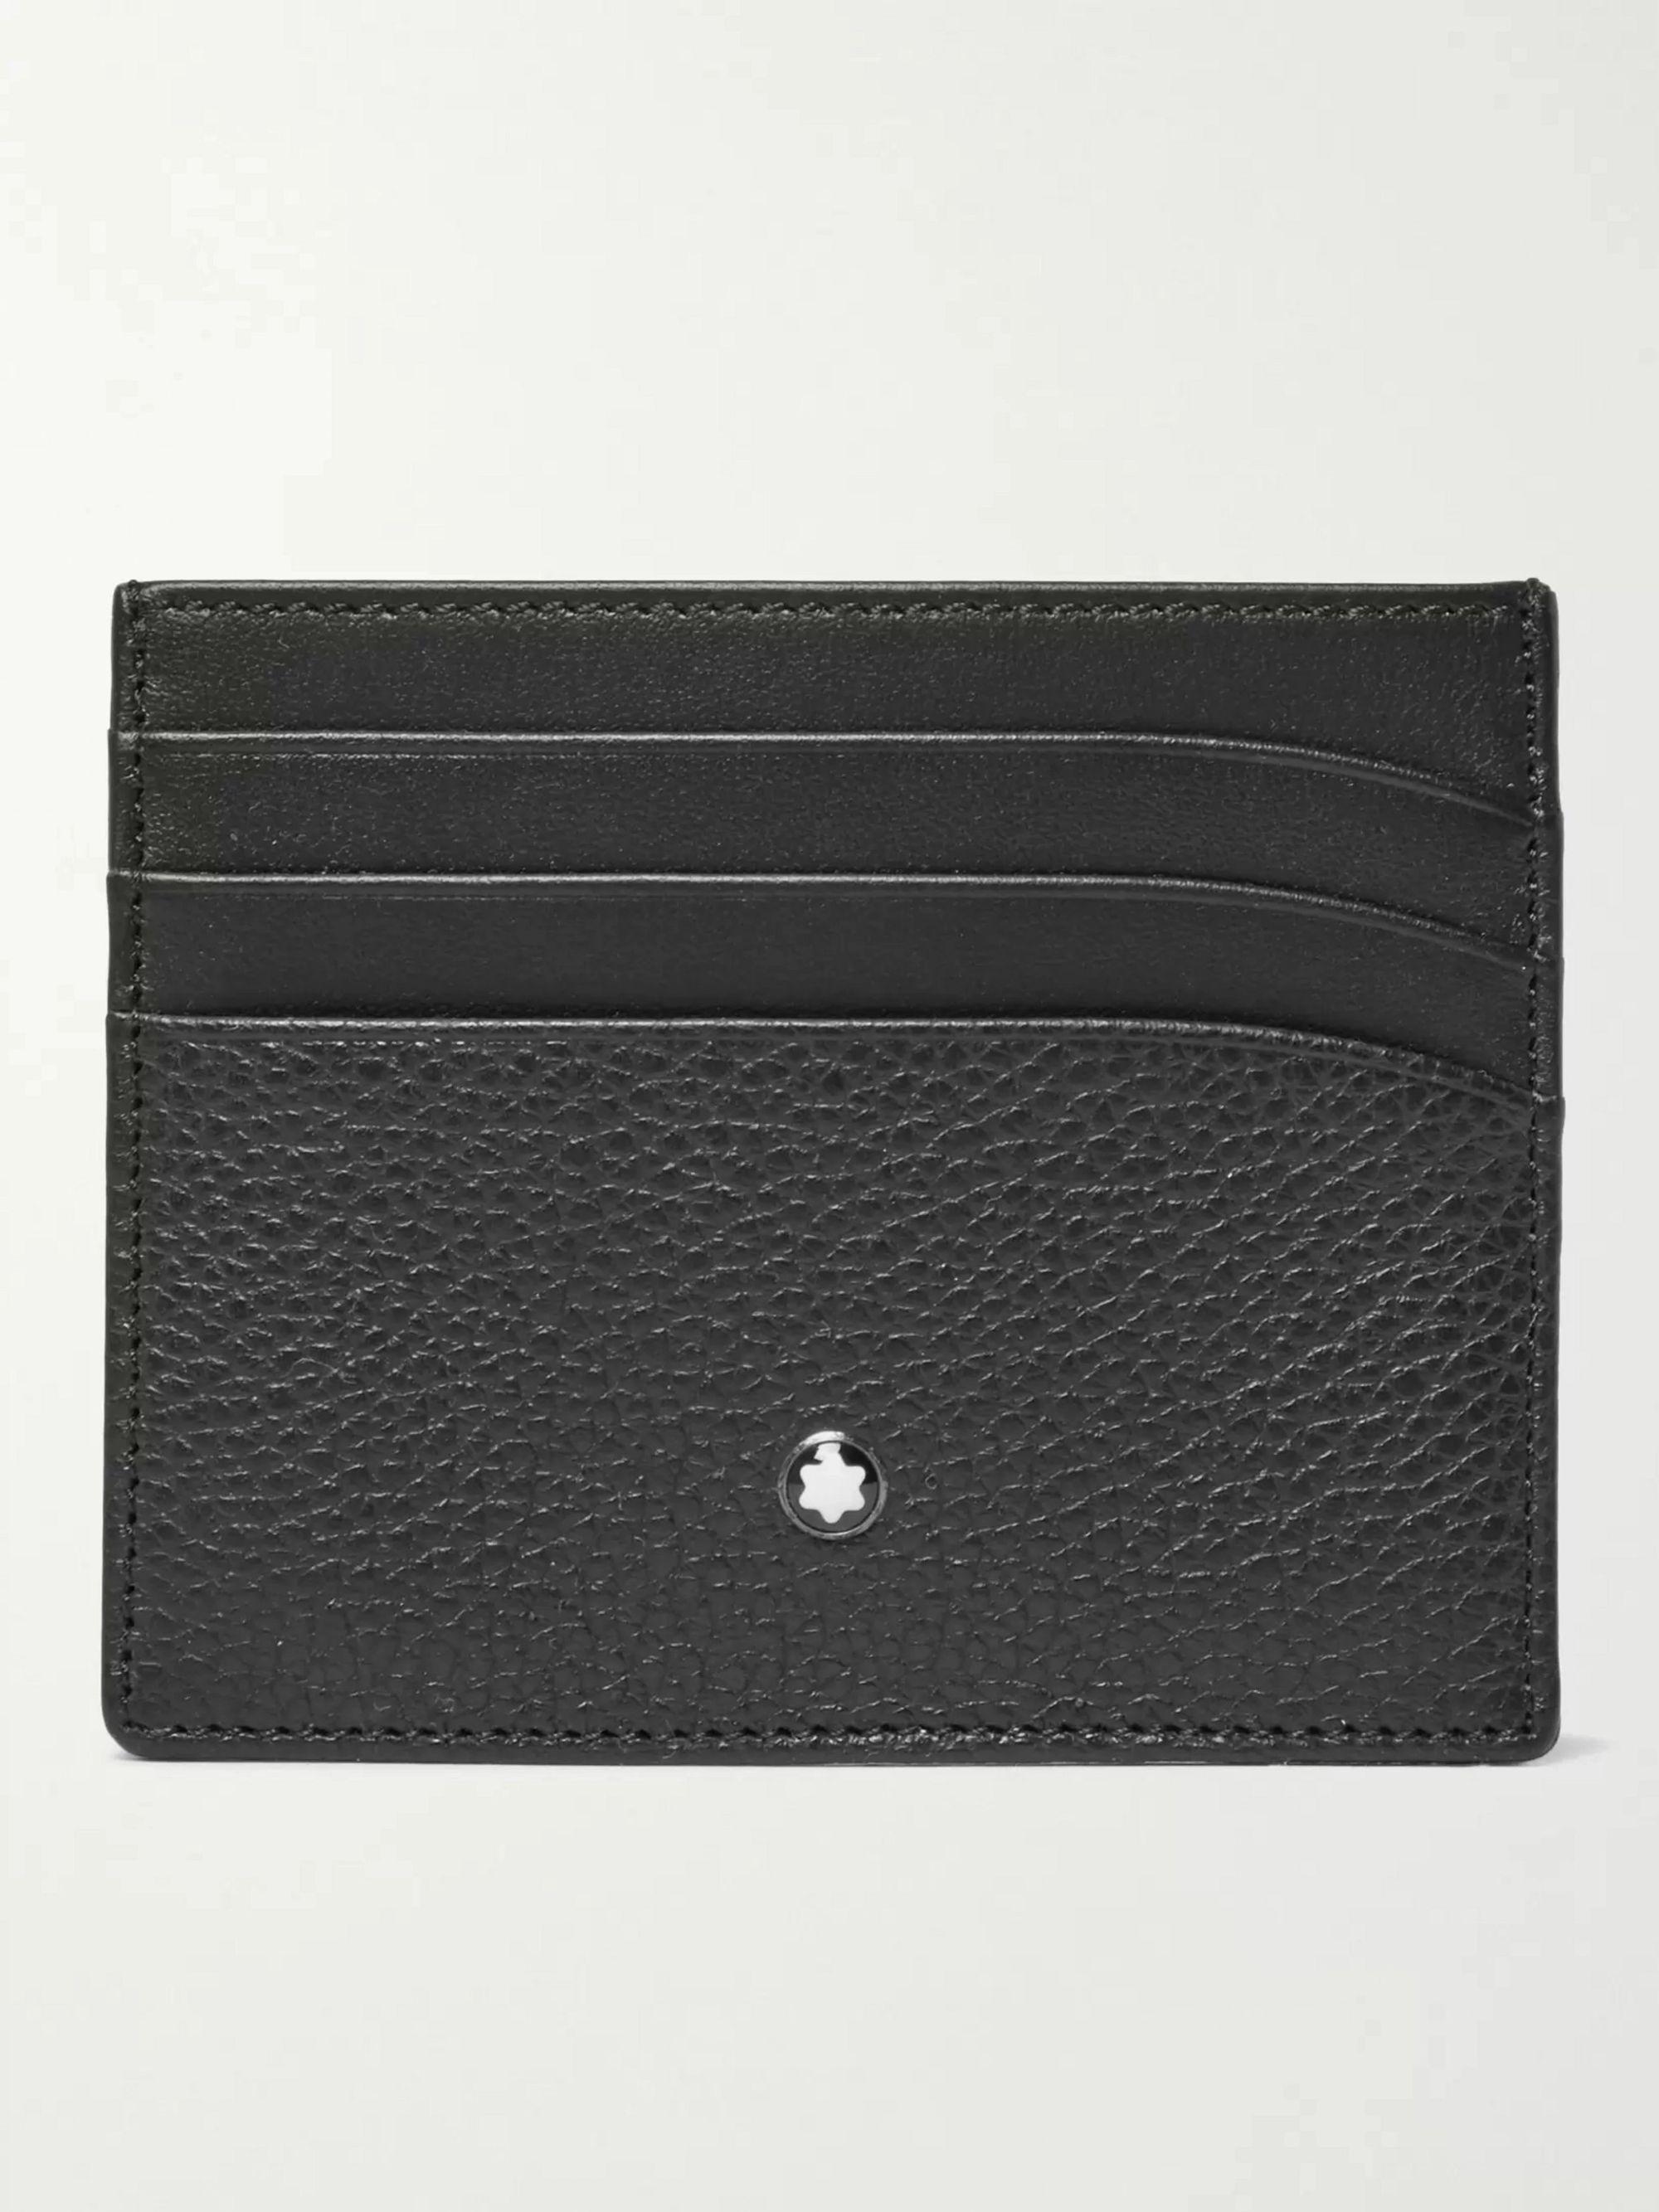 몽블랑 카드지갑 Montblanc Leather Cardholder,Black